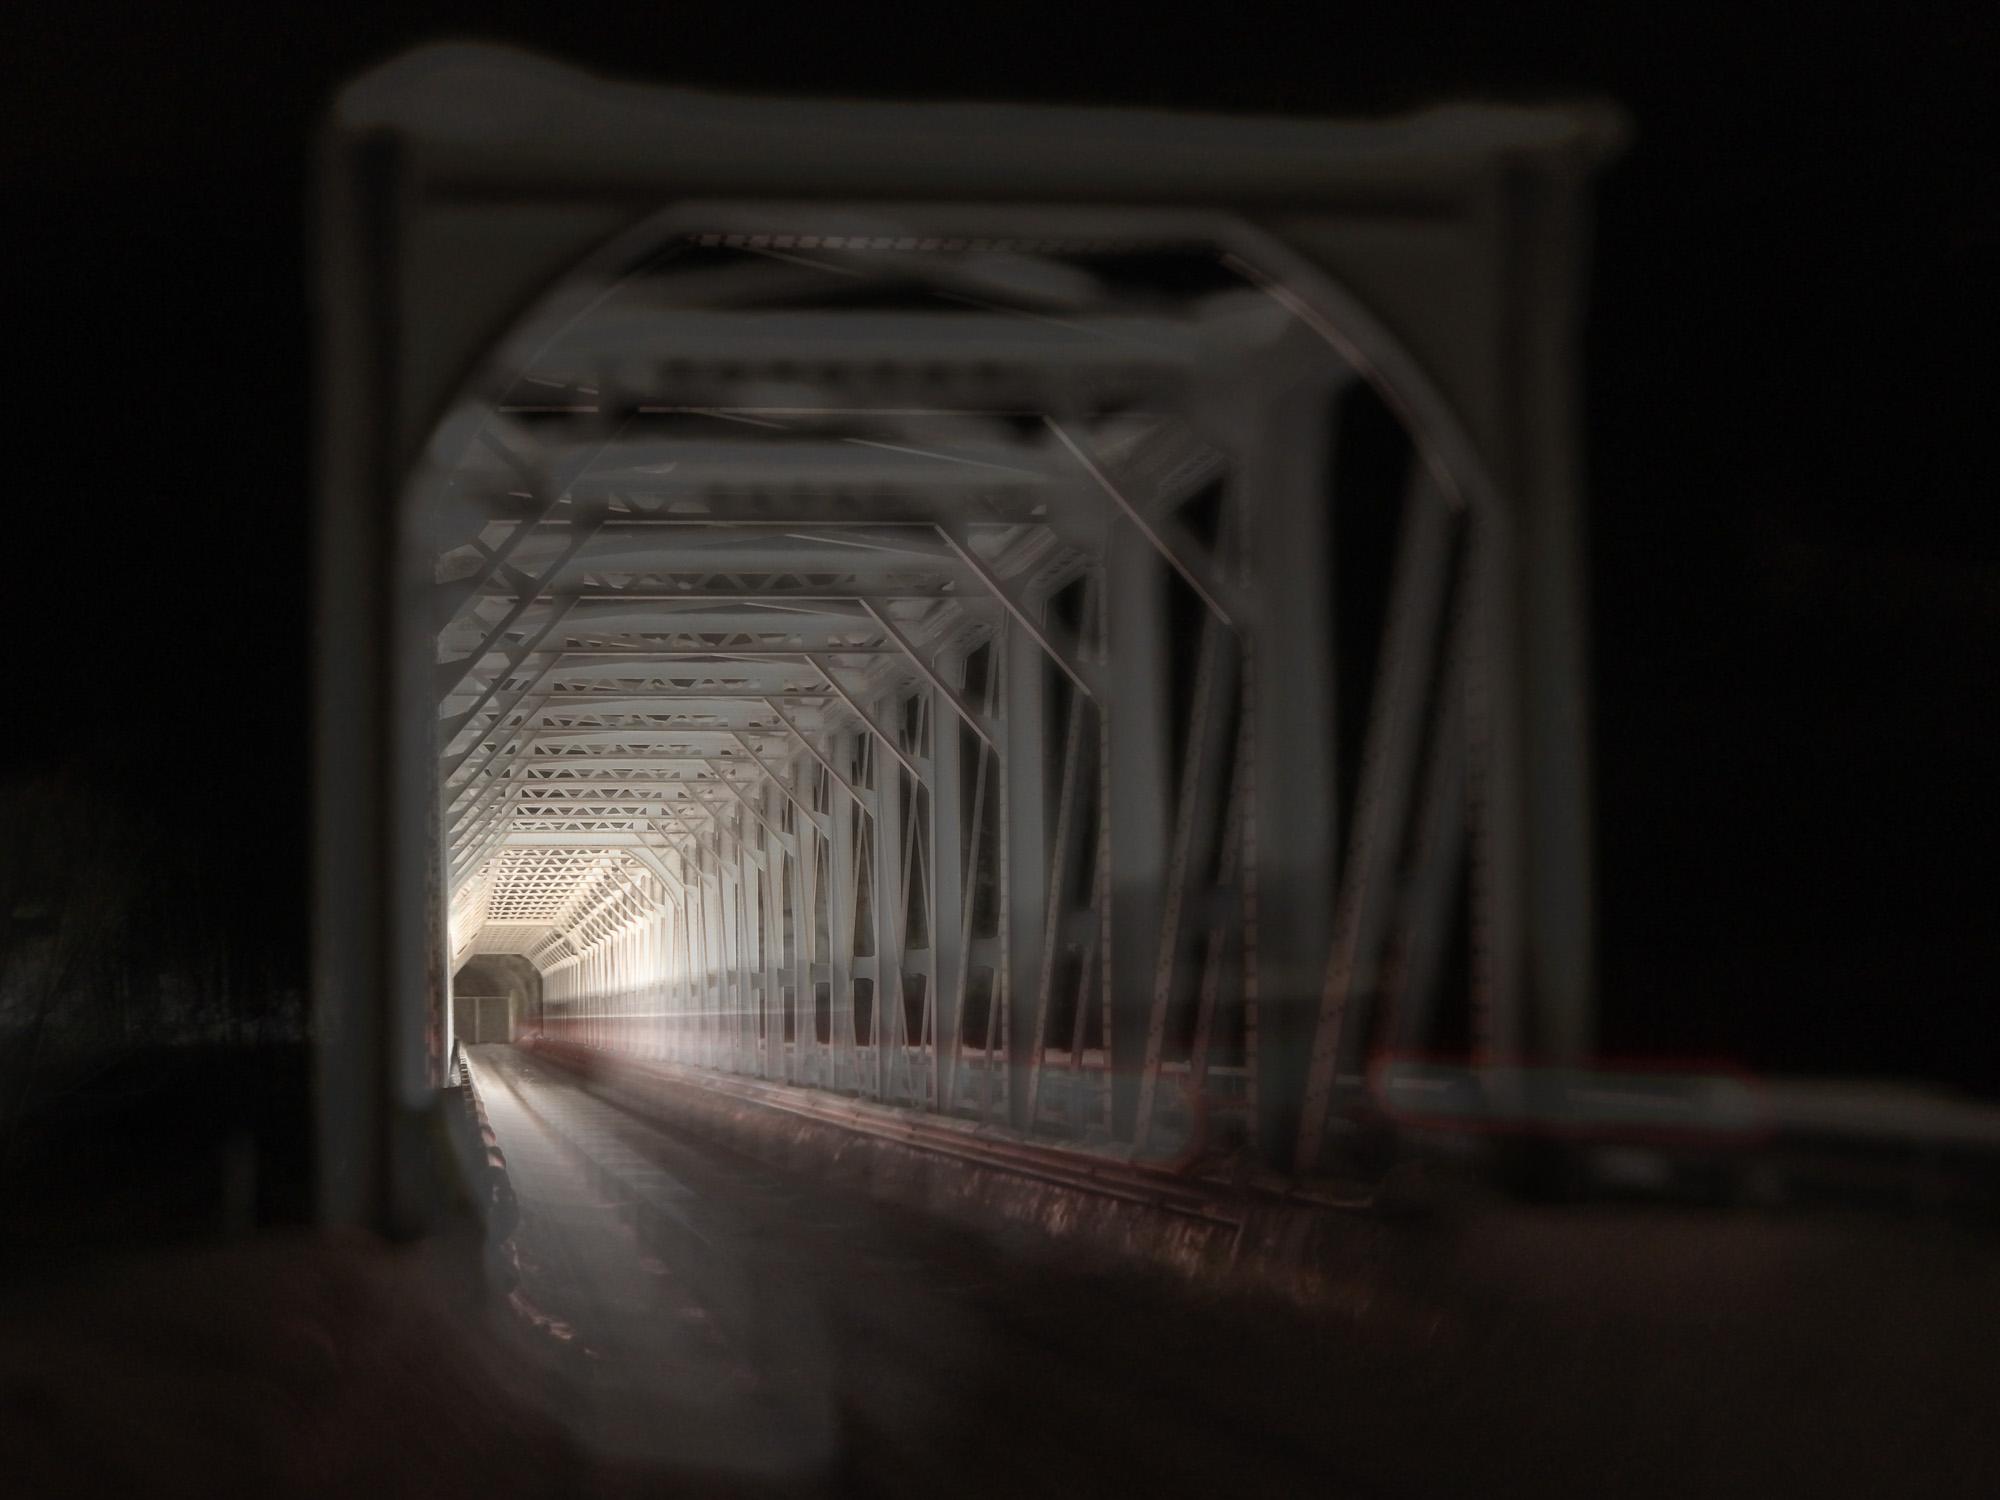 Sen februarkveld 2018 ved laugen i Ringebu og det er lys i enden av tunellen eller Randklev bro da som her. Temaet for utstillingen denne gang var bevegelse og at bildet skulle være tatt med mobiltelefon. Bildet mitt er tatt med iPhone 7 plus, iso 20, 8 sekunder @F2.8. Min kone Elin kjørte bilen over broen og med fem sekunders selvutløser på kameraet som jeg satte i gang. Så traff vi da som nogenlunde med bildet i det bilen kjørte ut på broen. Telefonen kom fra en varm bil og ut i kulden og satt på ett stativ, der skoddet den seg til litt og det ga det litt drømmende eller skumle utrykket i bildet.